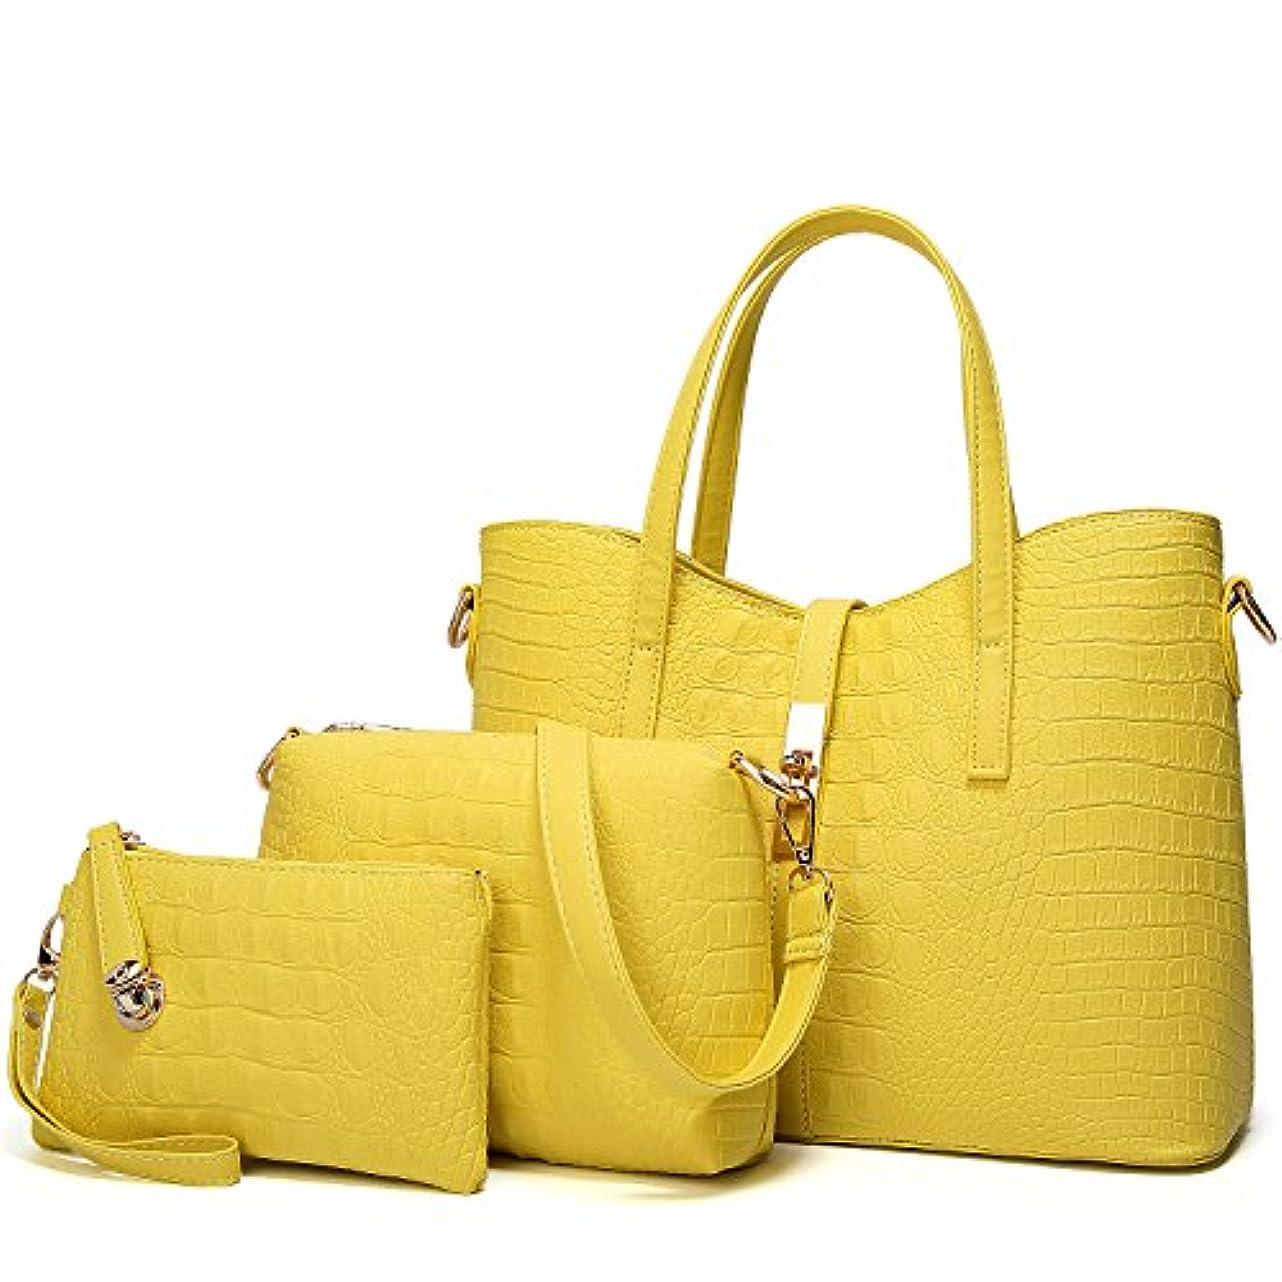 通信網ラベルプレゼン[TcIFE] ハンドバッグ レディース トートバッグ 大容量 無地 ショルダーバッグ 2way 財布とハンドバッグ